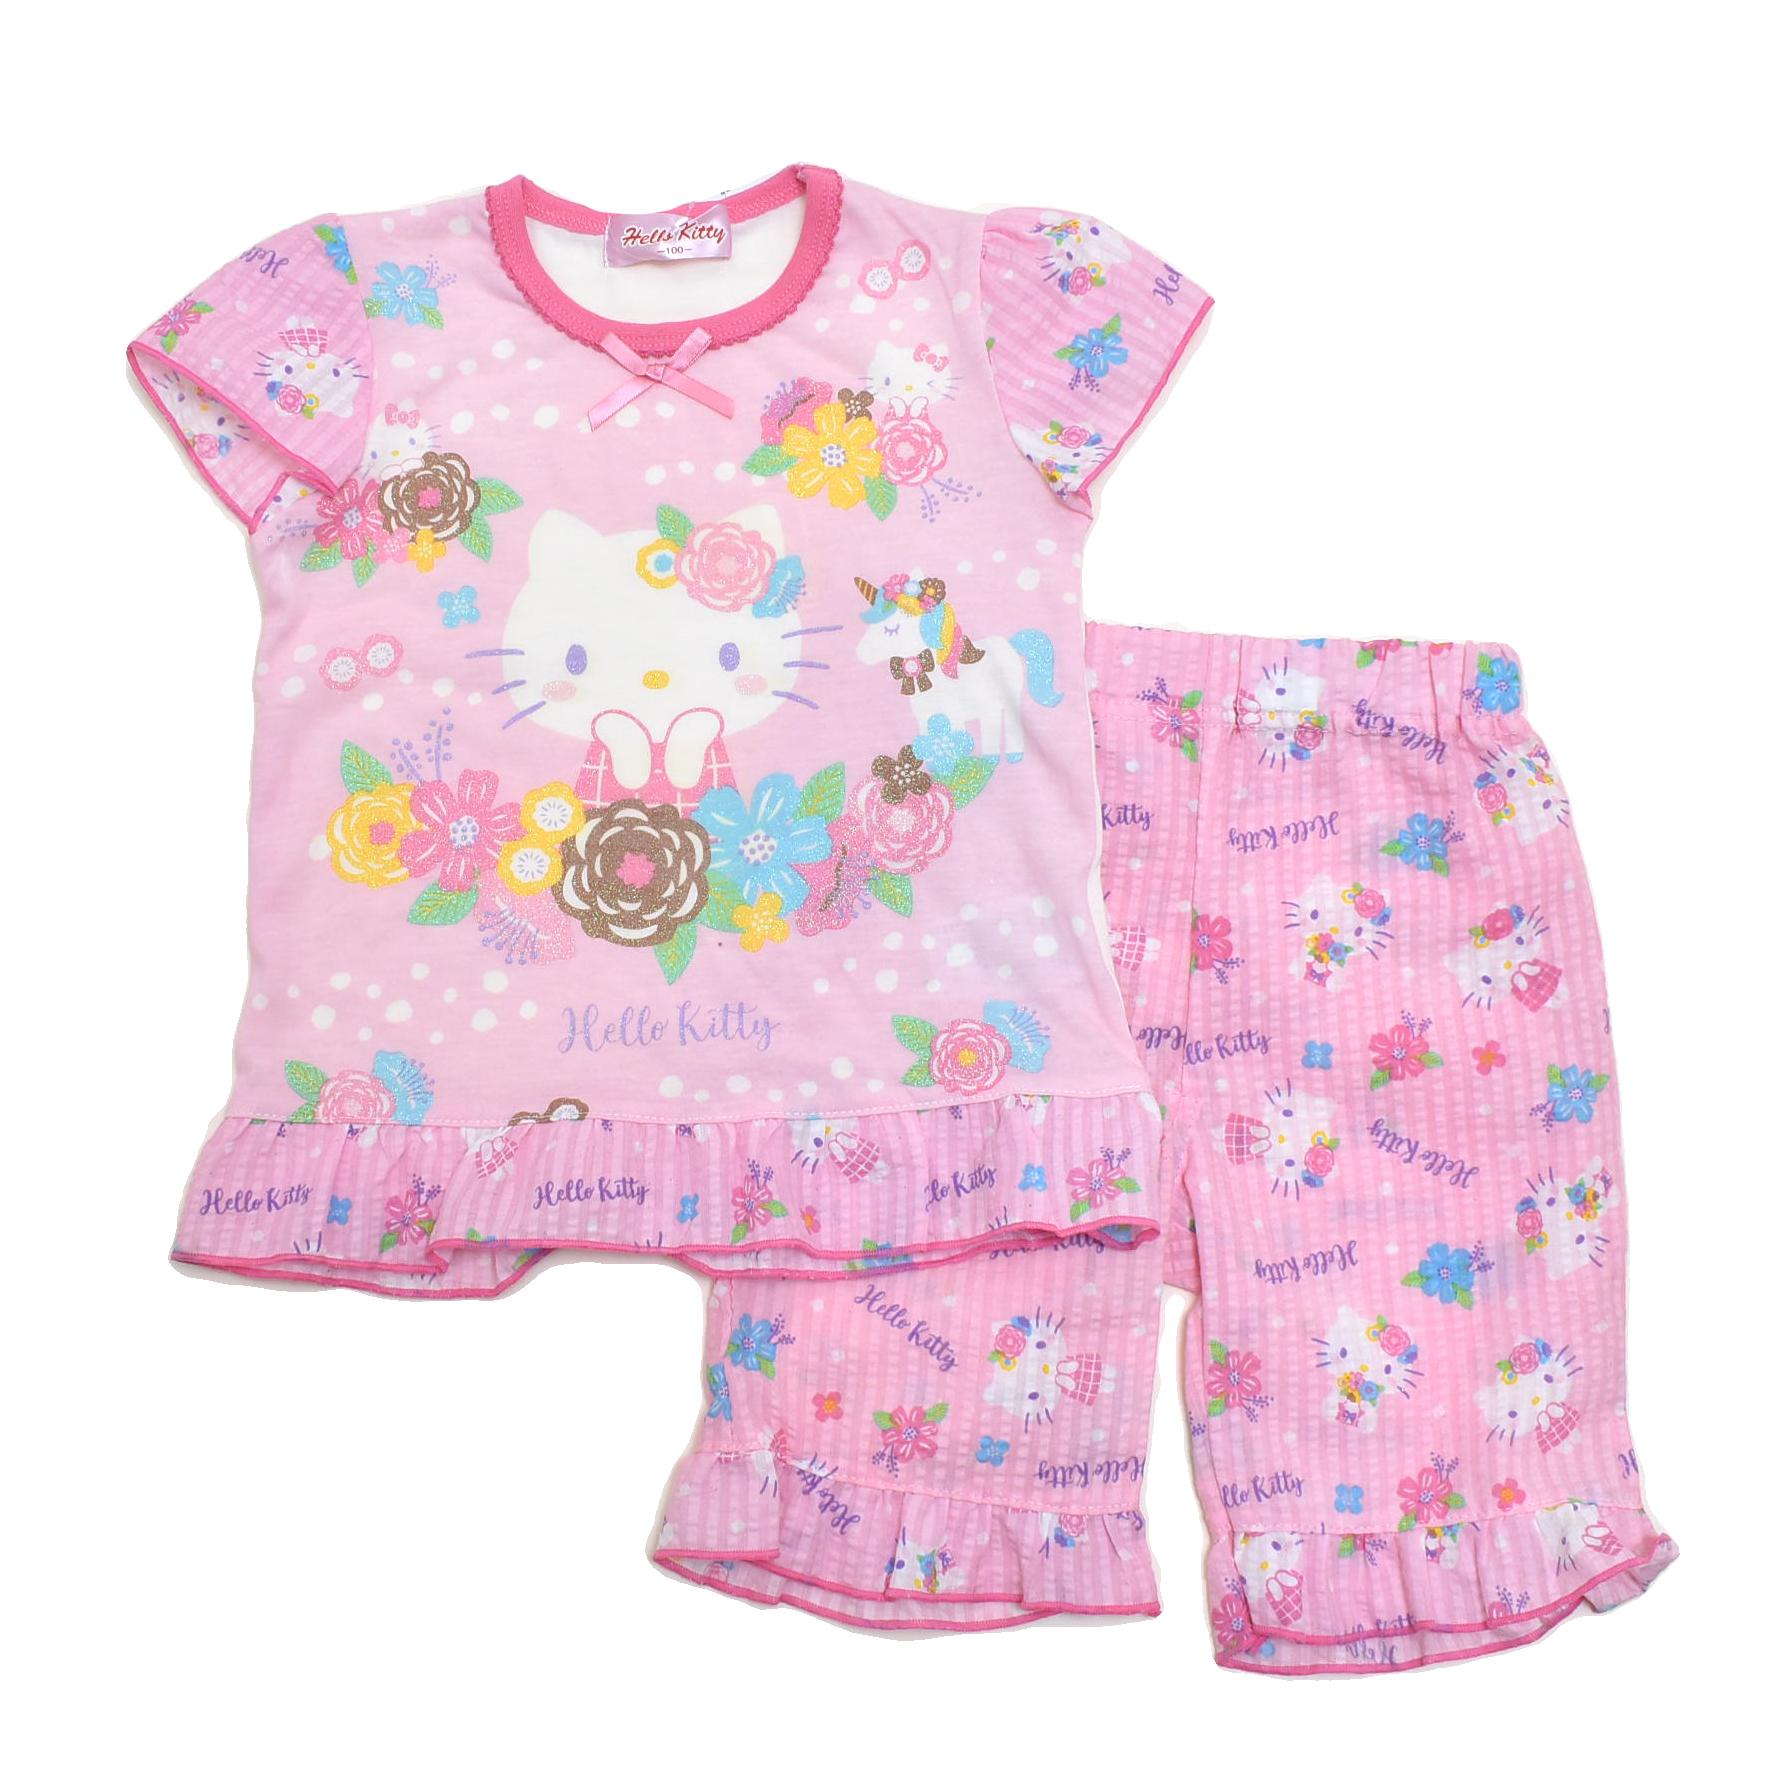 サンリオ ハローキティ  光る半袖パジャマ 100-130cm(132KT0041)